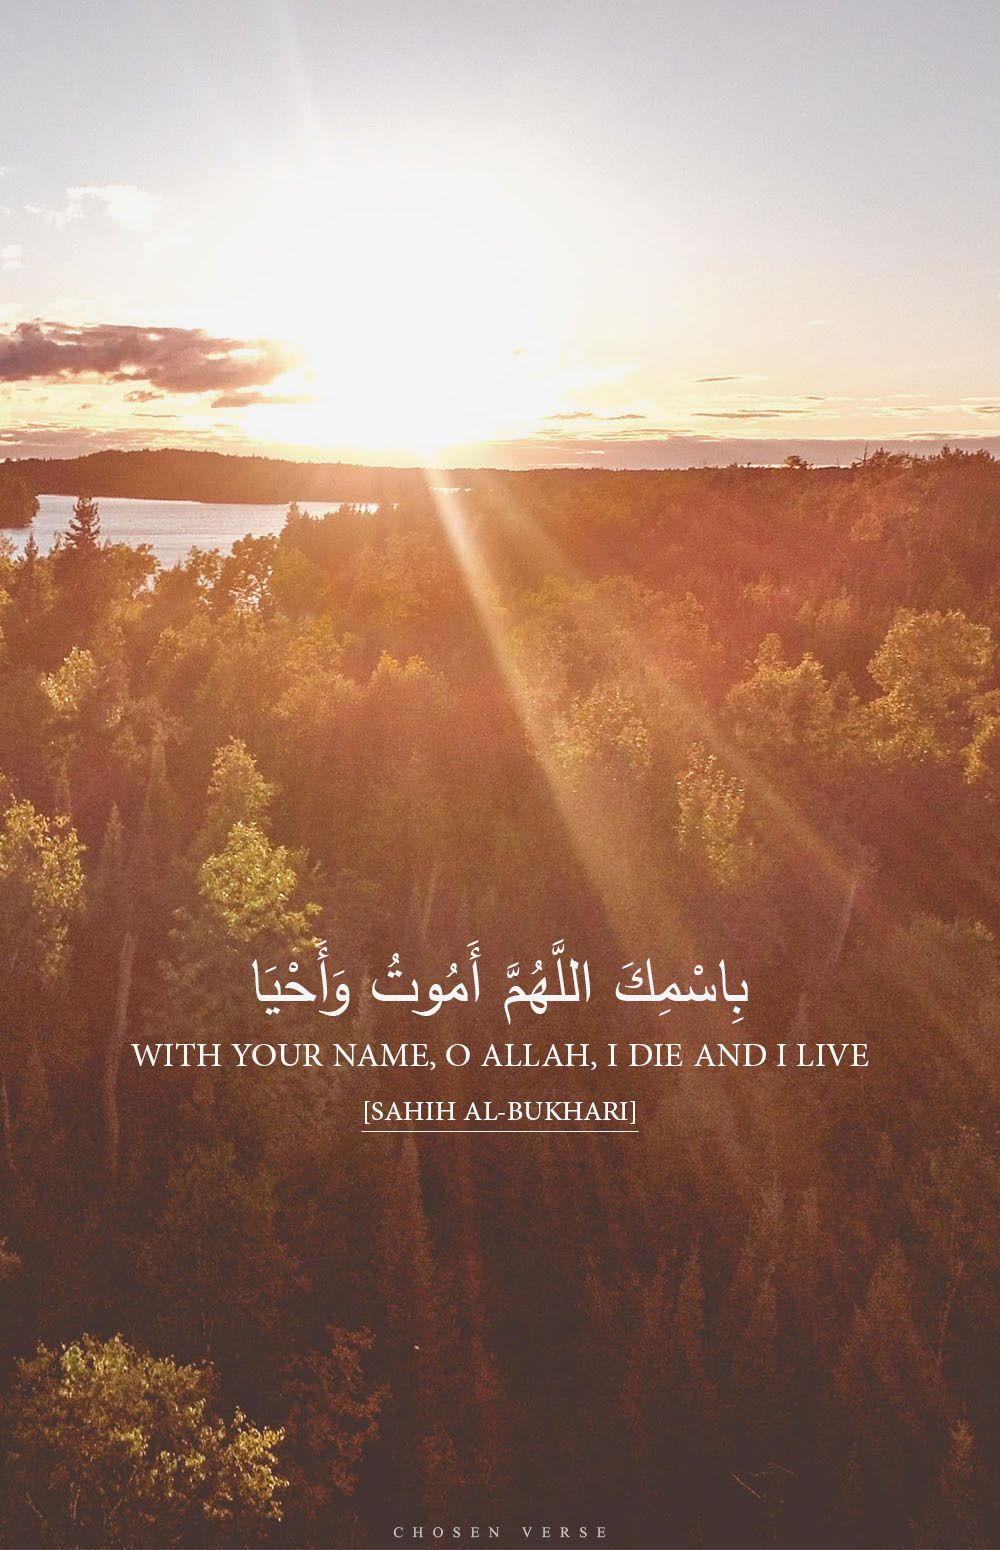 ع ن ح ذ ي ف ة ق ال ك ان الن ب ي صلى الله عليه وسلم إ ذ ا أ ر اد أ ن ي ن ام ق ال ب اس م ك الل Islamic Inspirational Quotes Quran Verses Ahadith